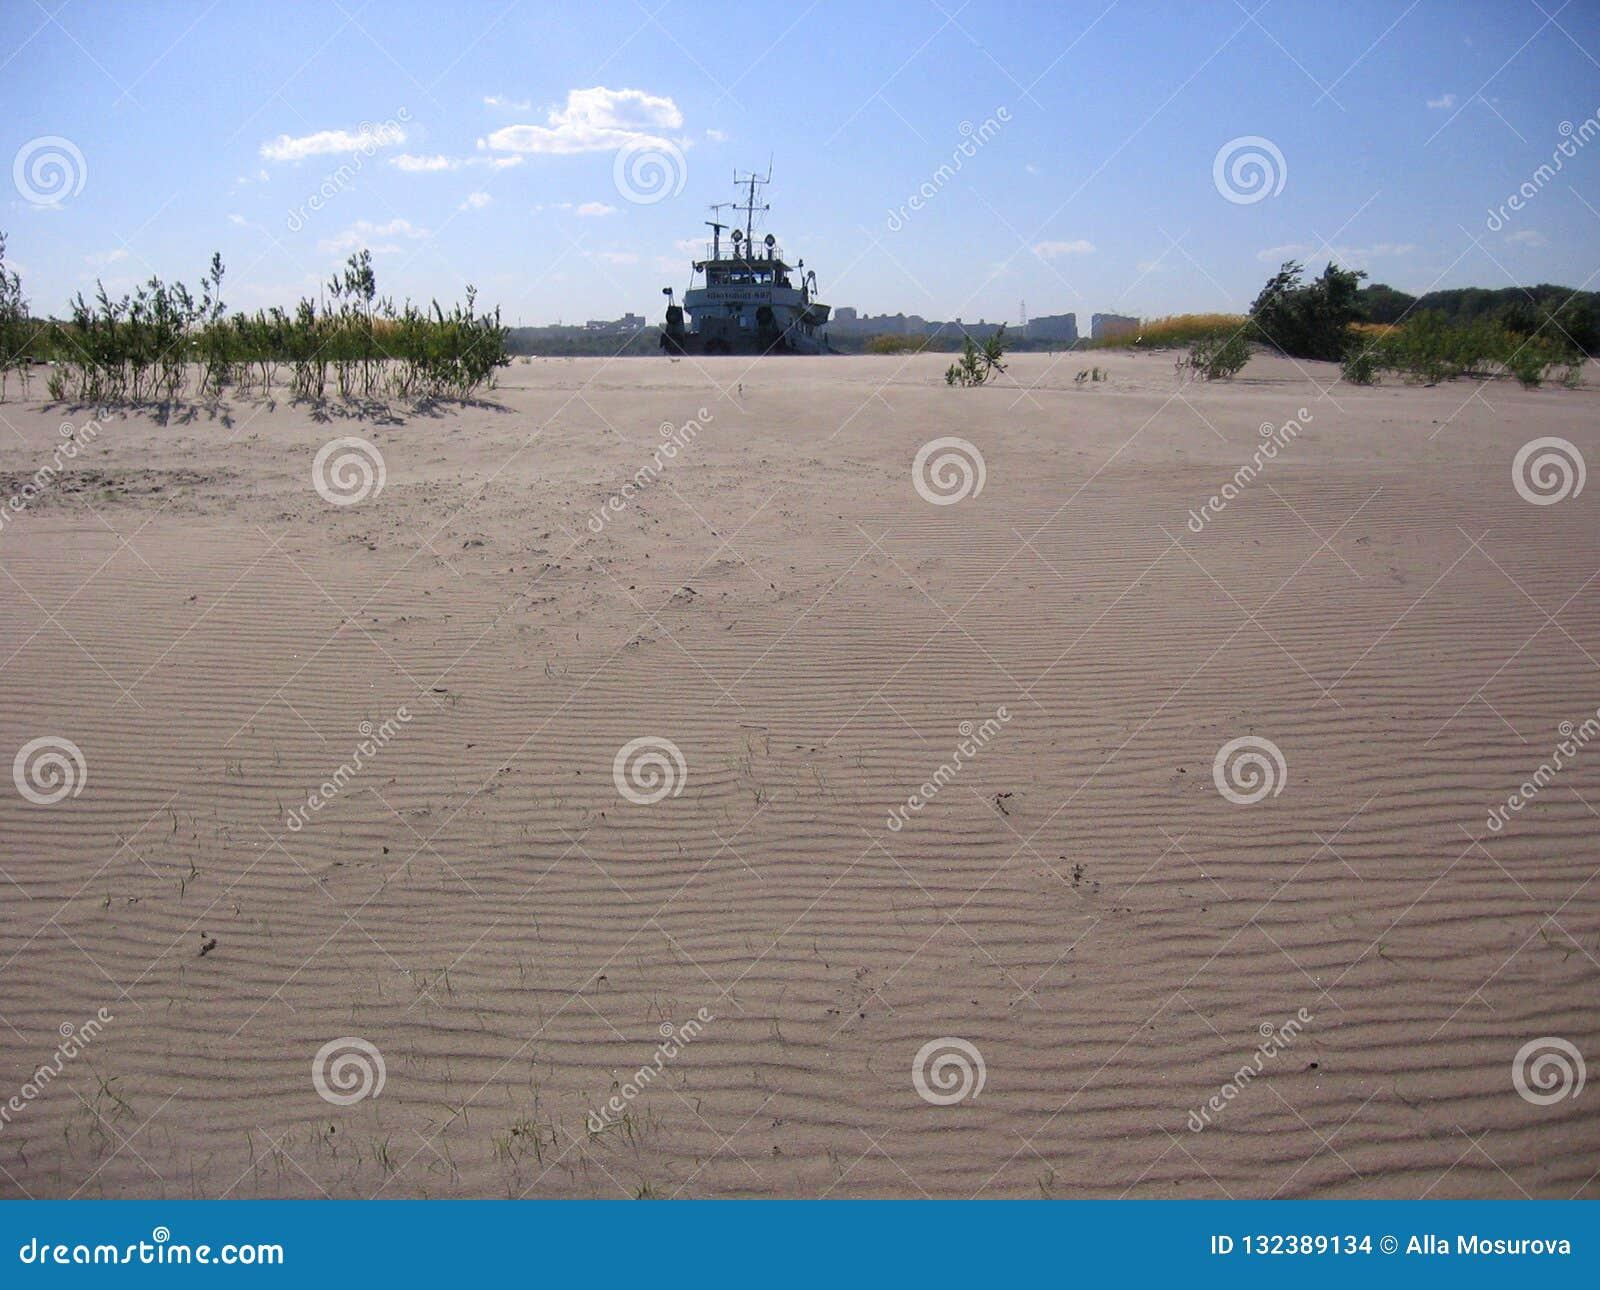 La silhouette du bateau contre le désert arénacé est vue dans la distance